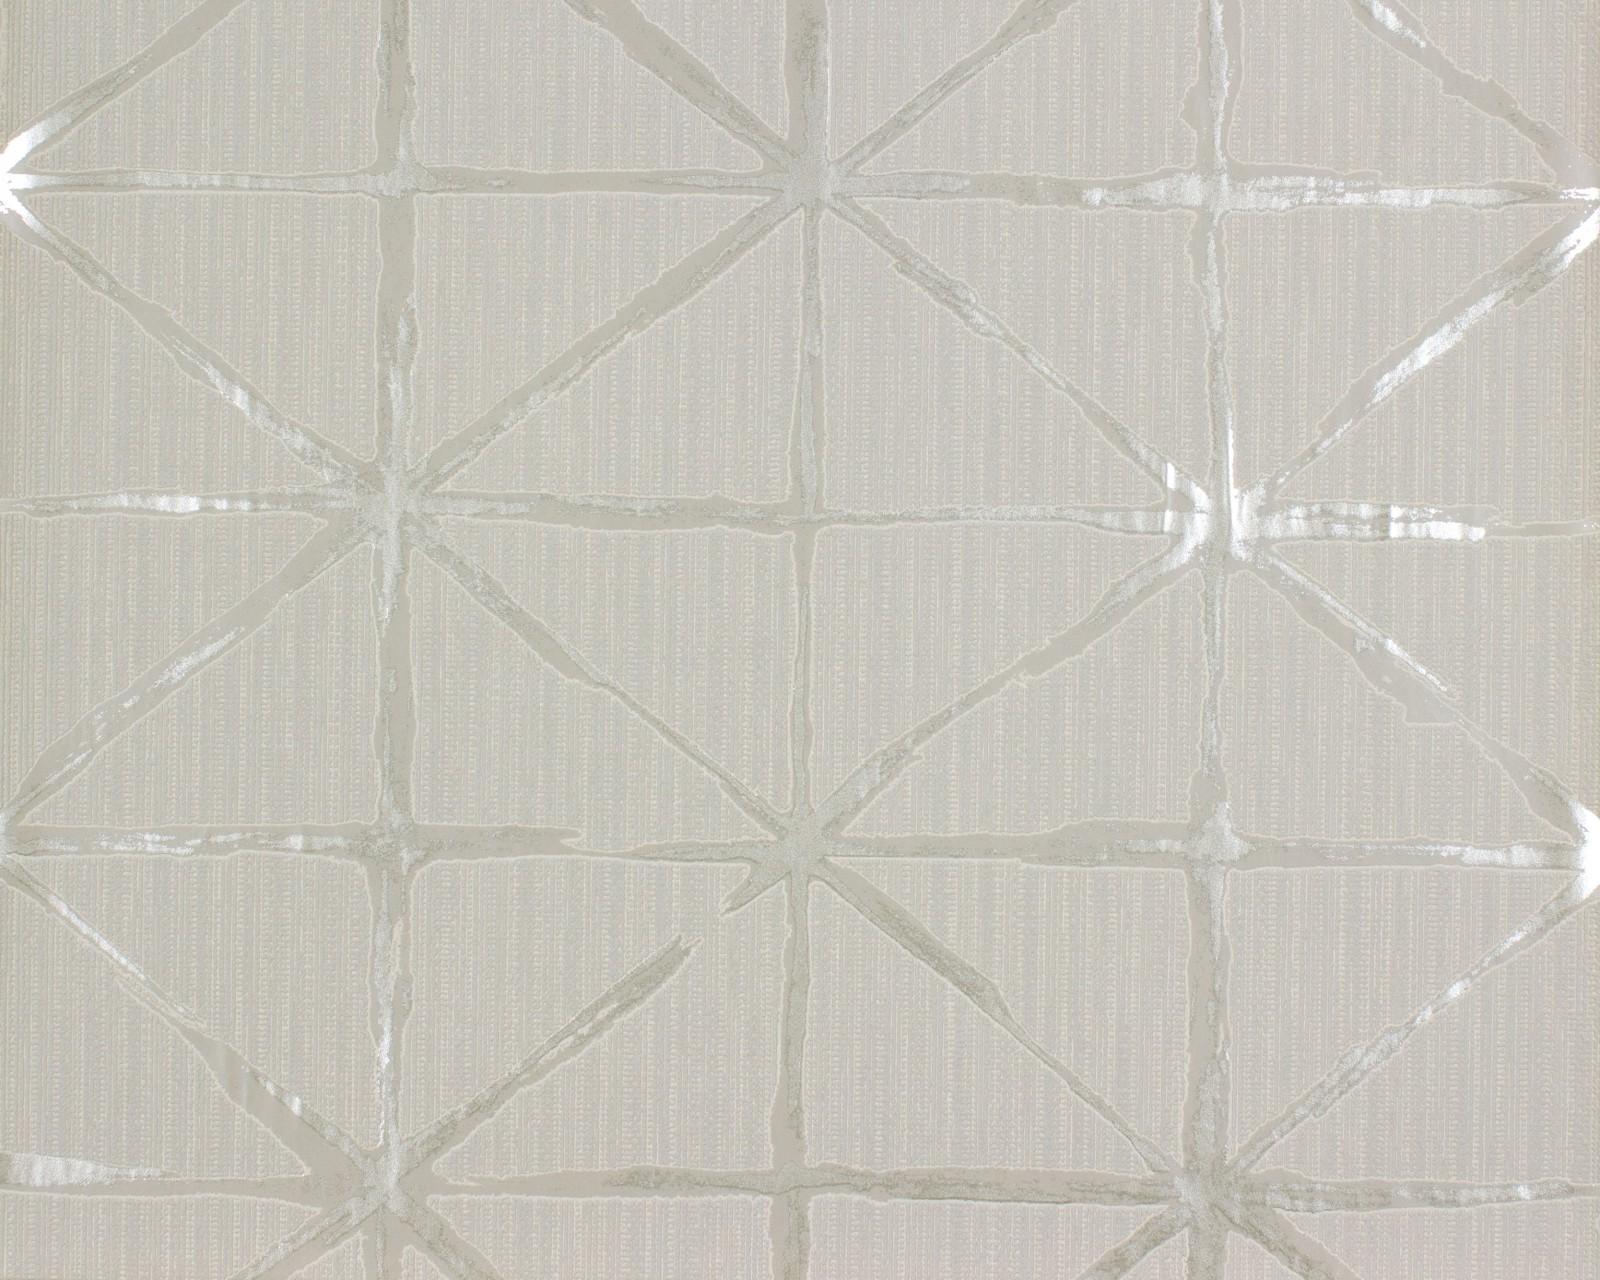 Tapete rasch grafik beige silber home vision 862713 for Tapete silber